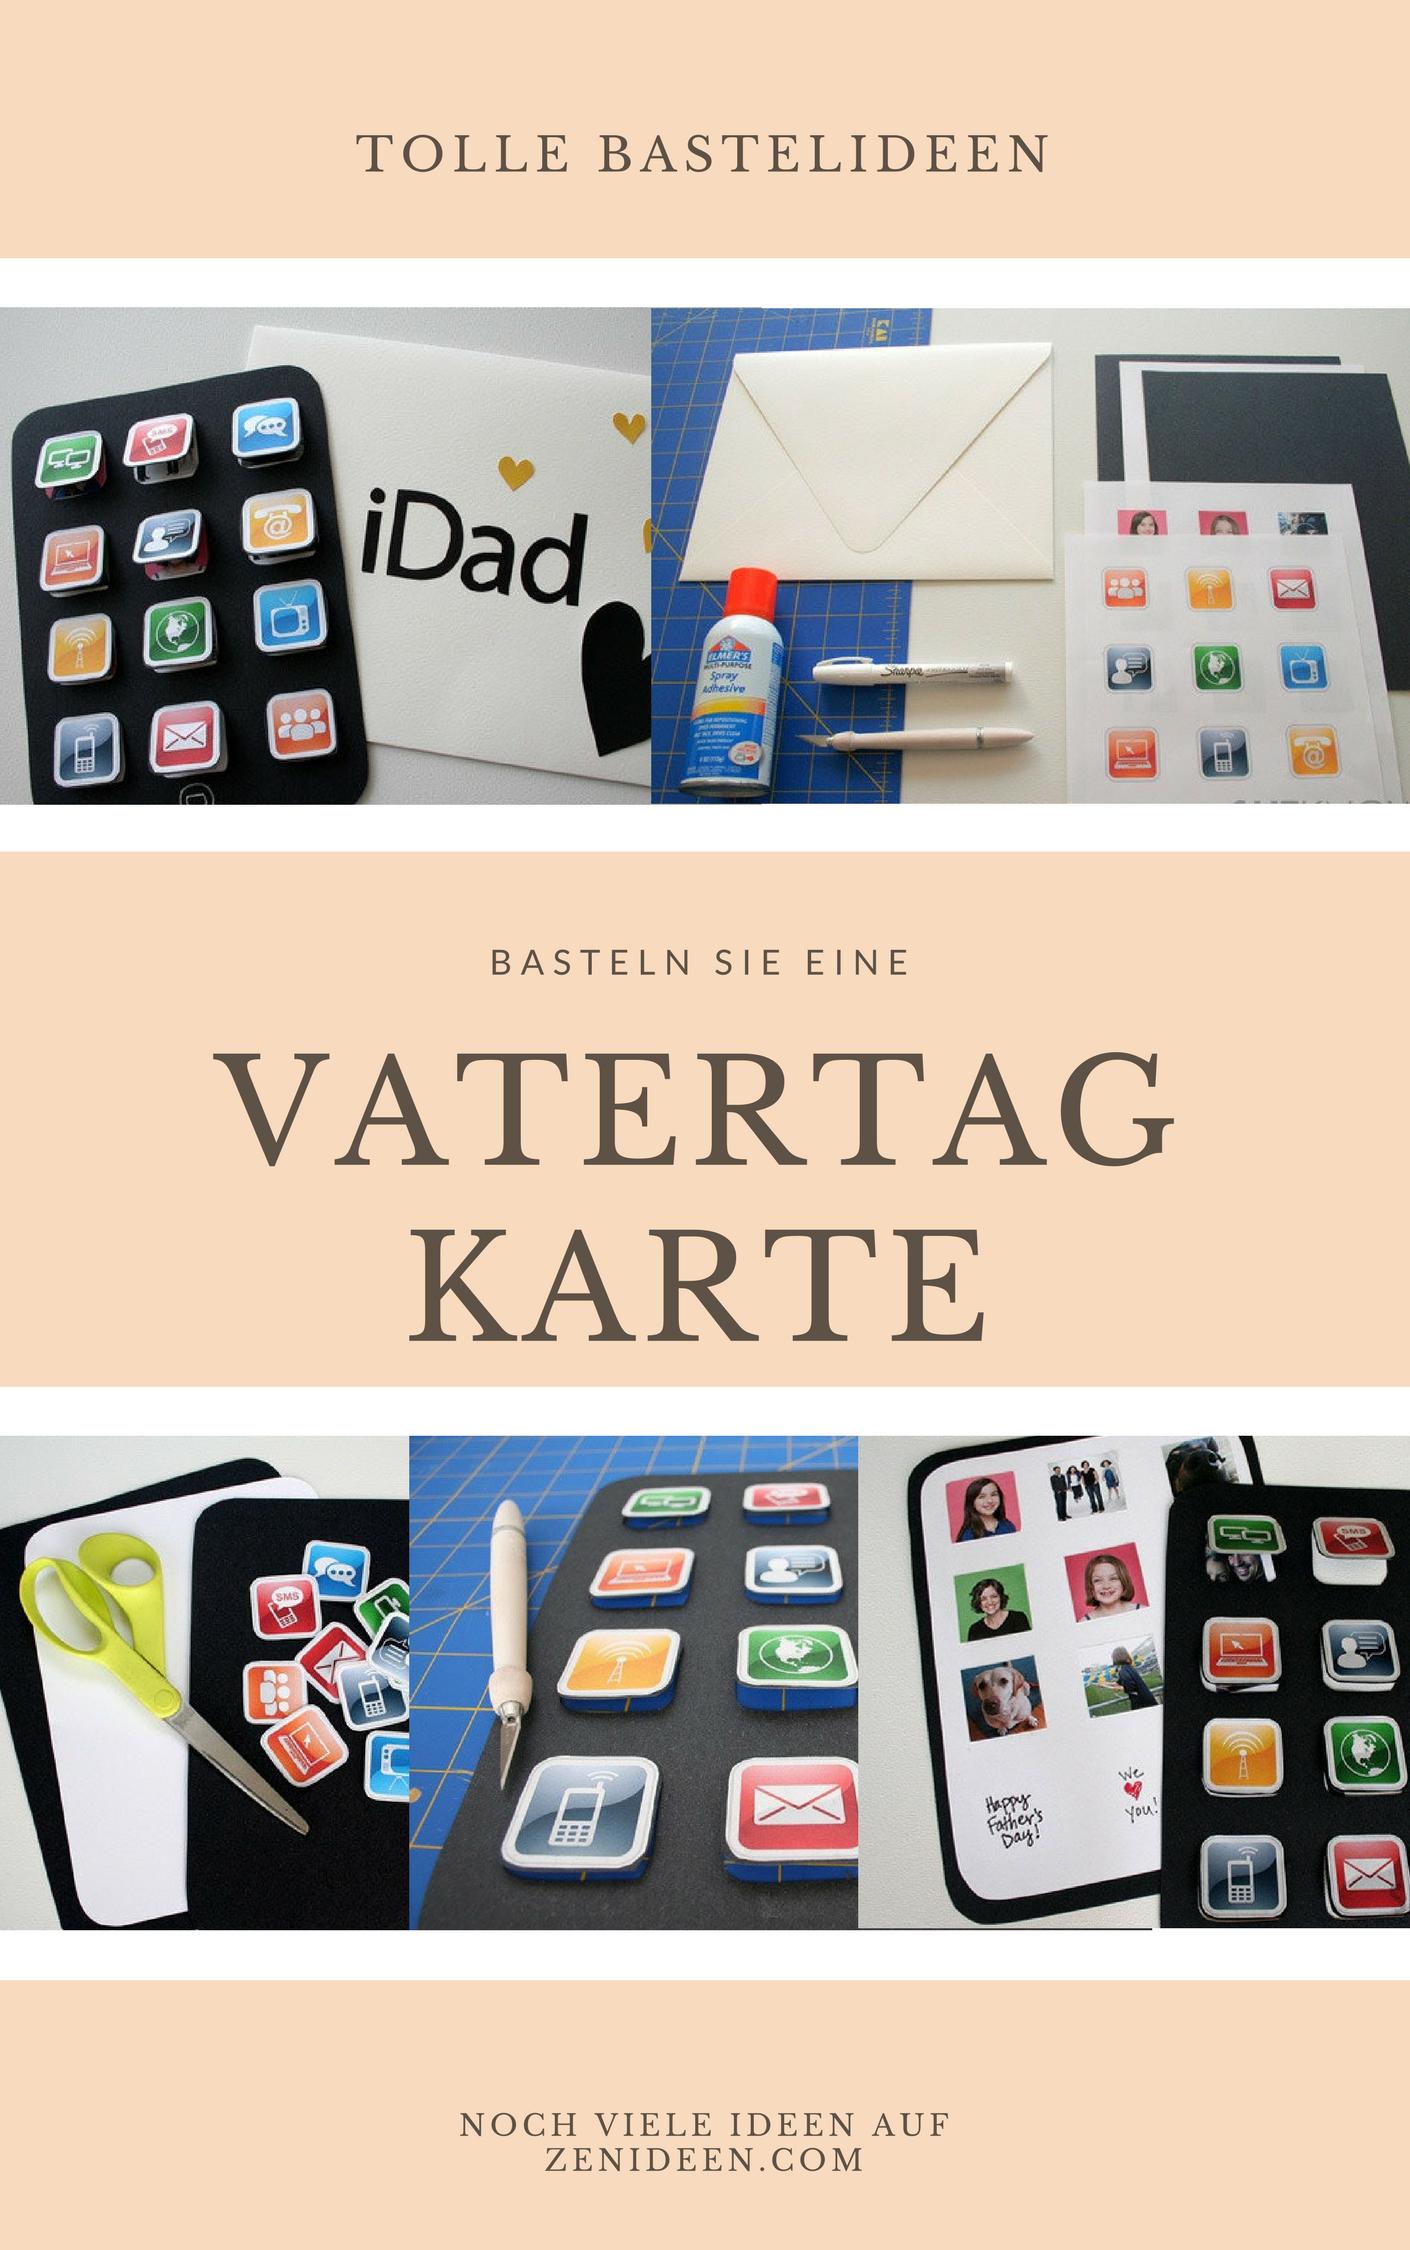 Bastellabor: Hier finden Sie umwerfende und kinderleichte DIY Ideen für Vatertag-Karte